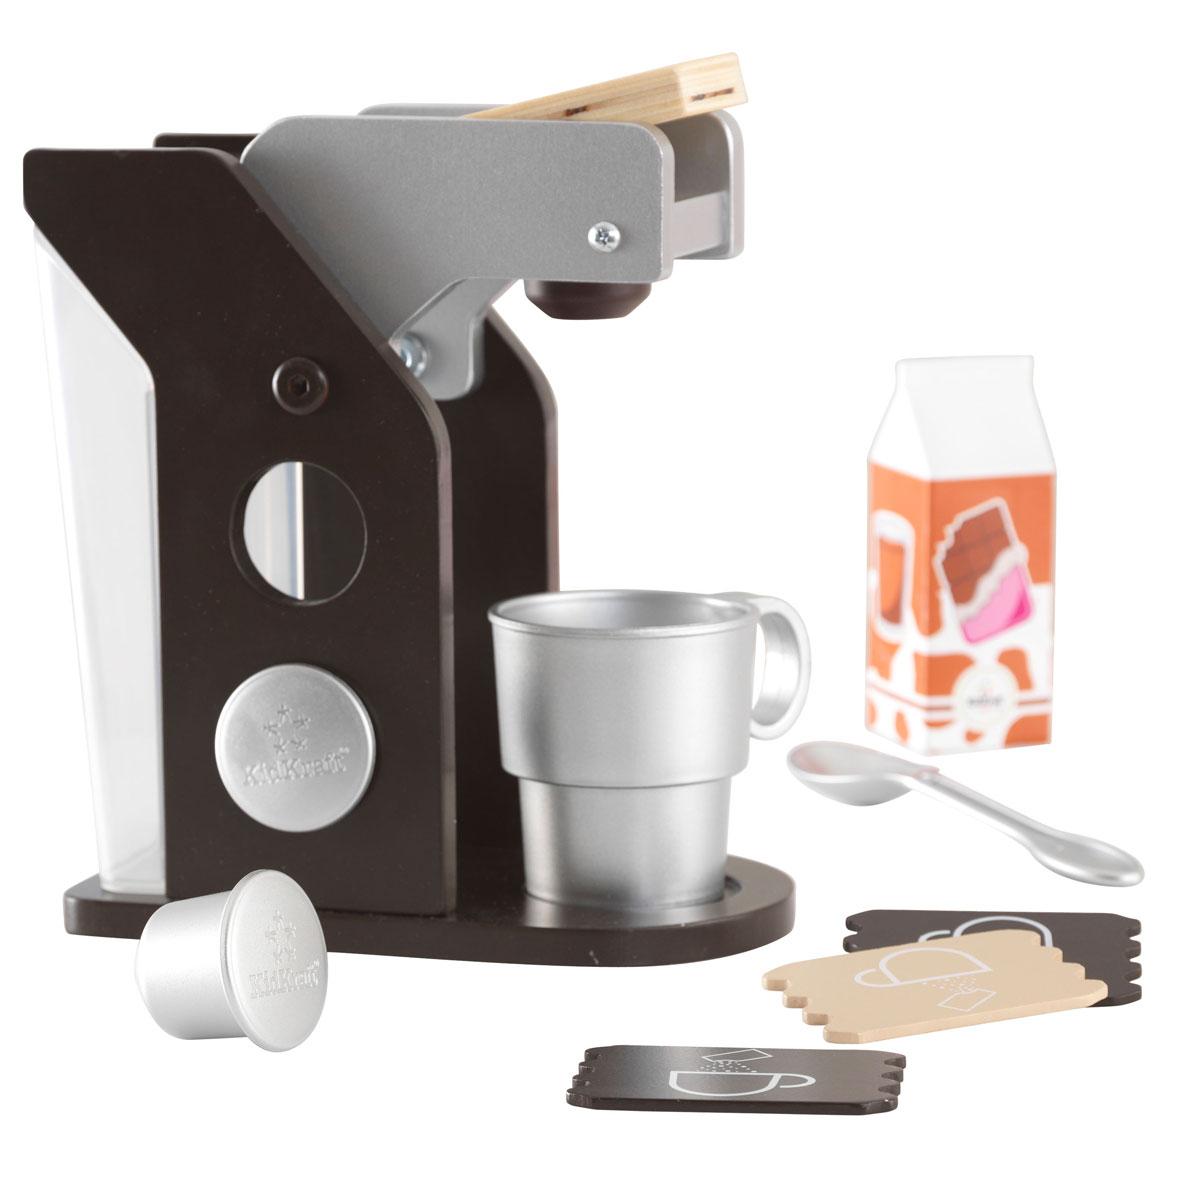 kidkraft set caf espresso pirum. Black Bedroom Furniture Sets. Home Design Ideas